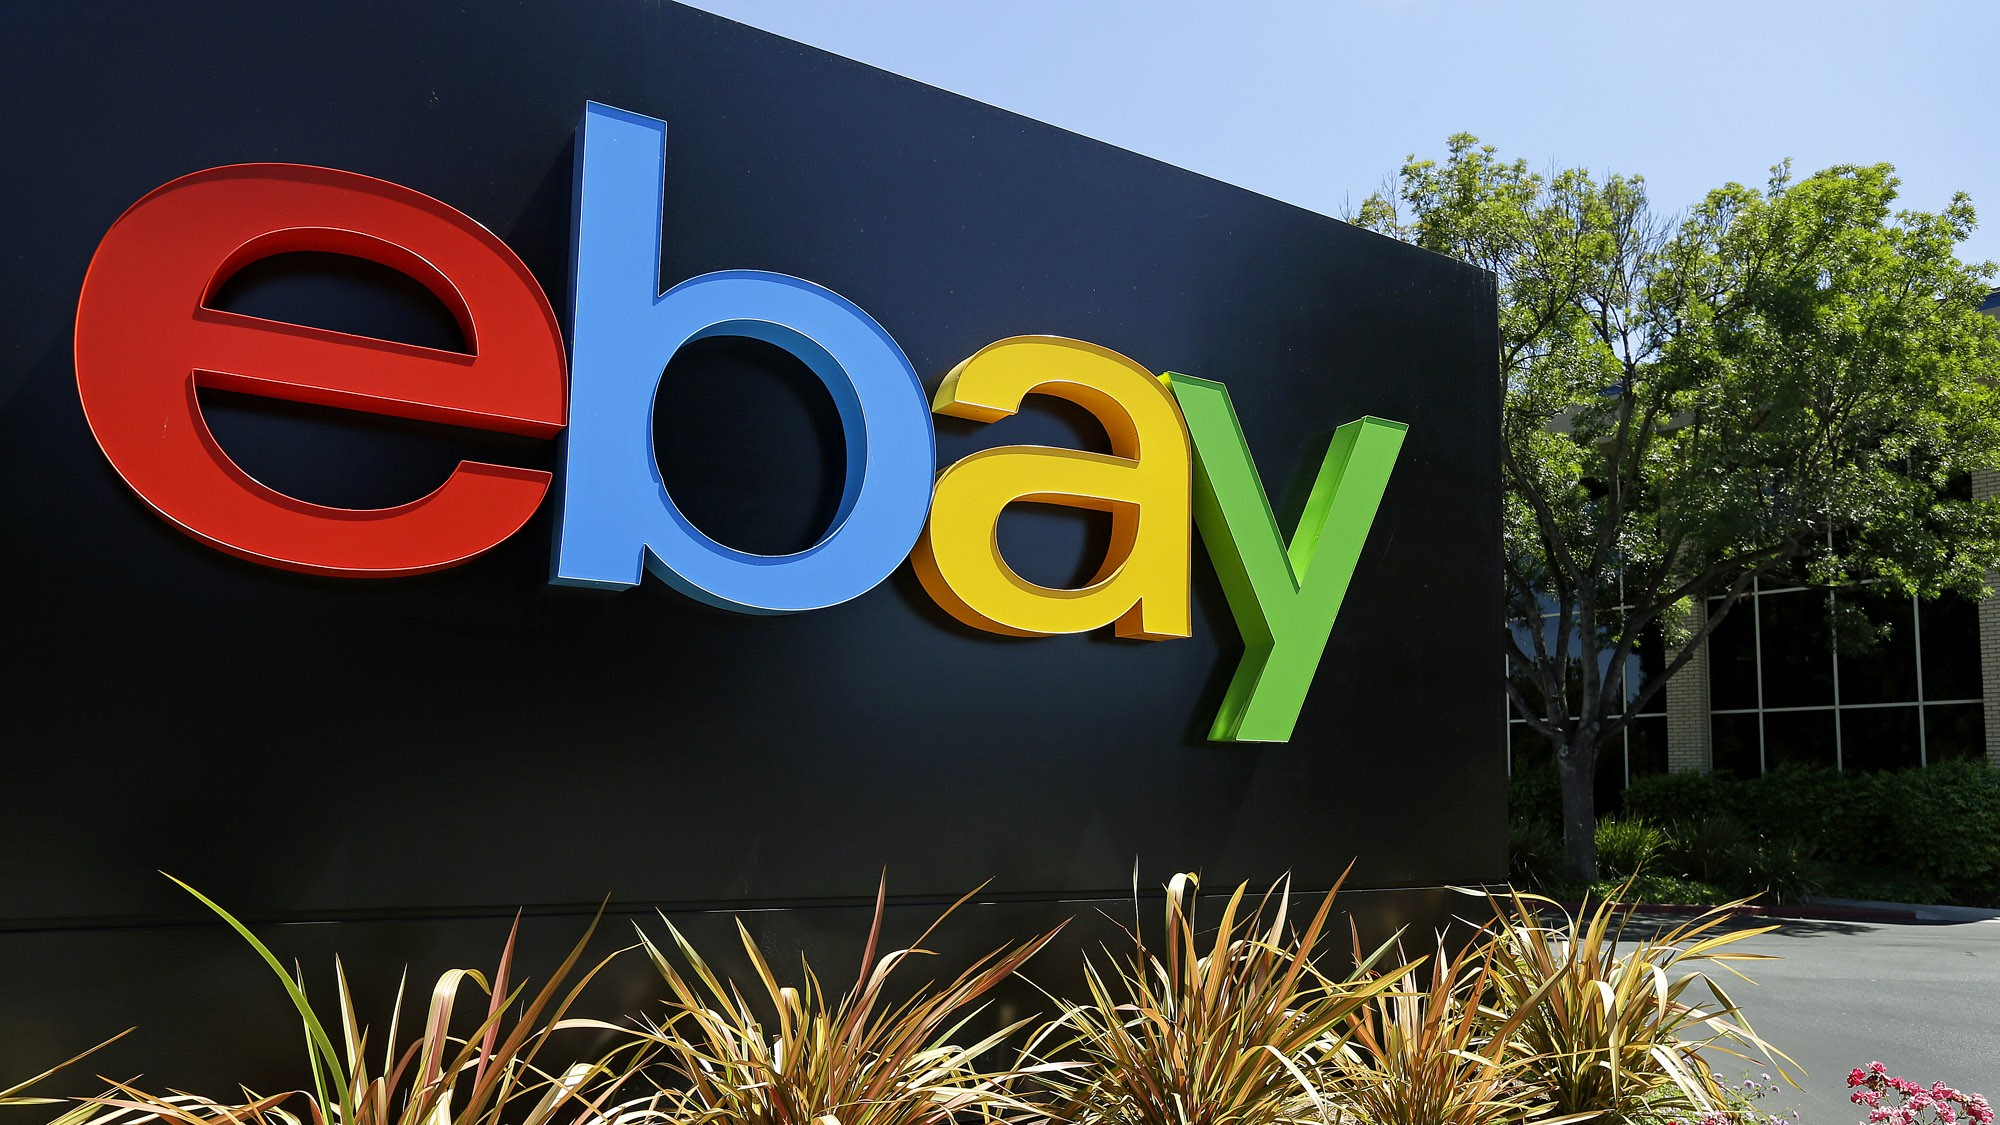 Aplikace Ebay dostává Material design a spoustu nových funkcí